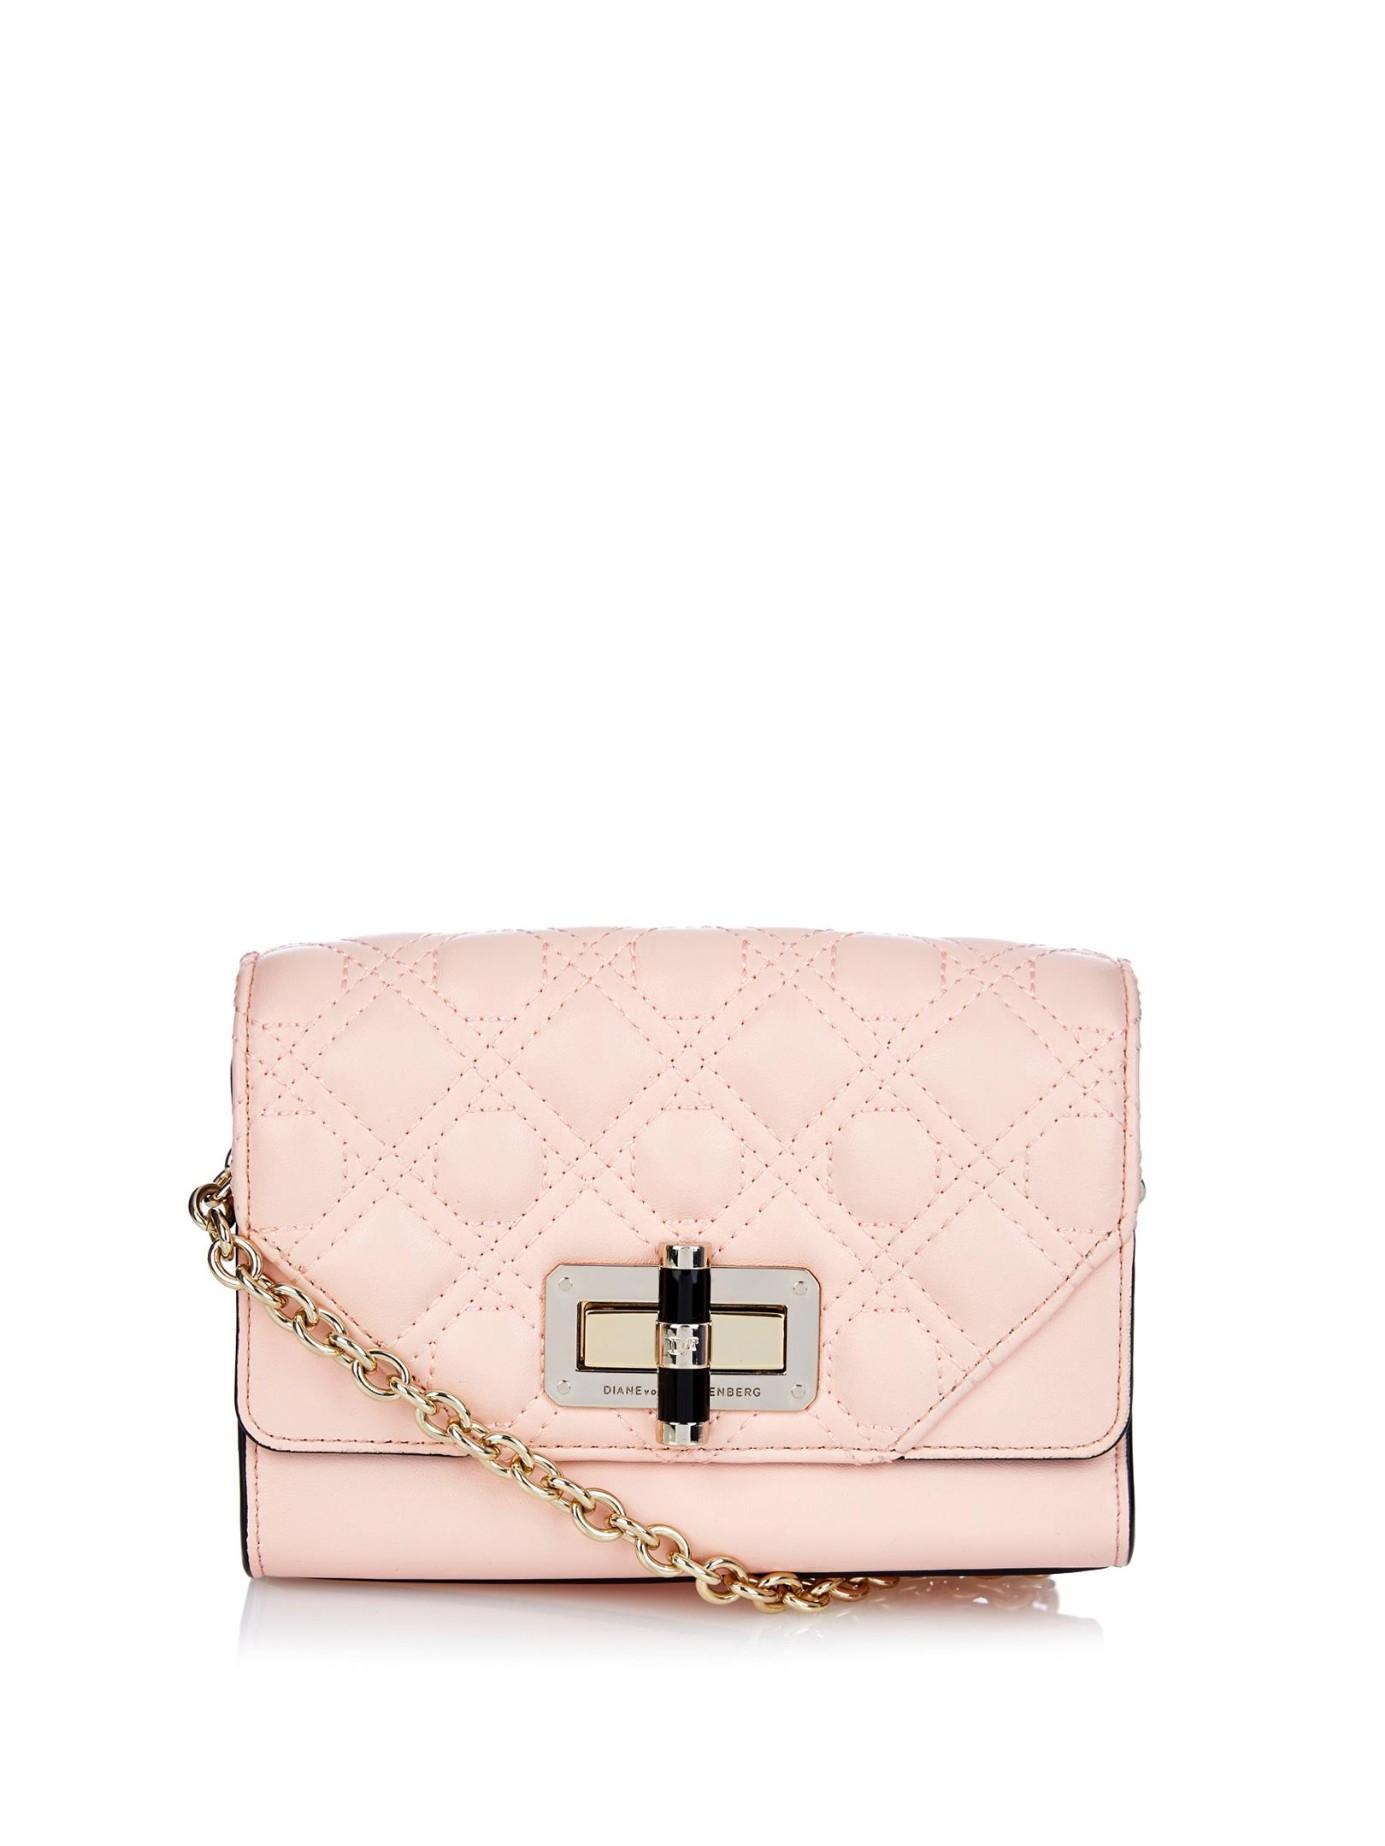 41868bd8ca5f Diane von Furstenberg Pink 440 Gallery Micro Mini Shoulder Bag